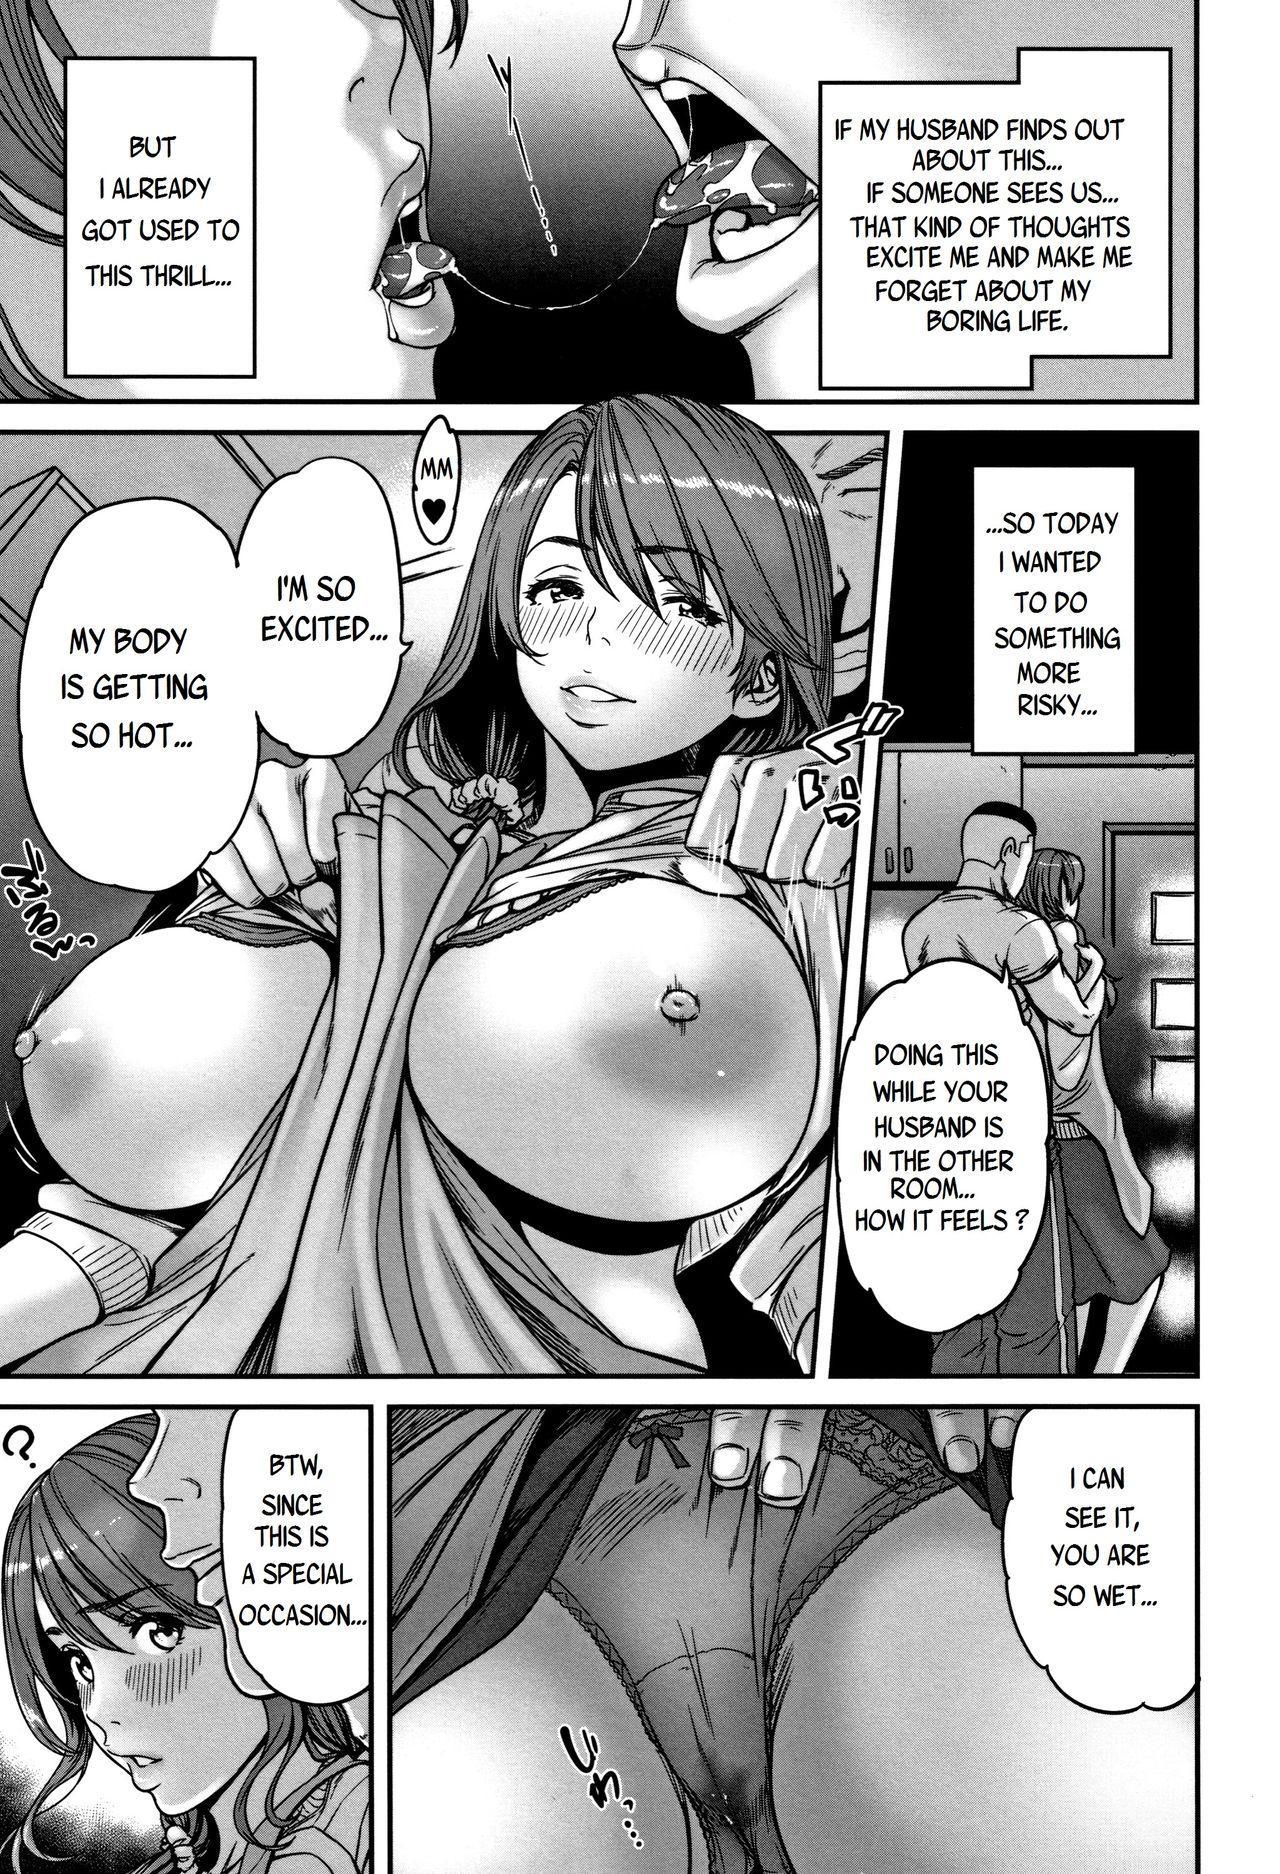 Ano Hito, Tonari ni Iru kara Shizuka ni ne. 2